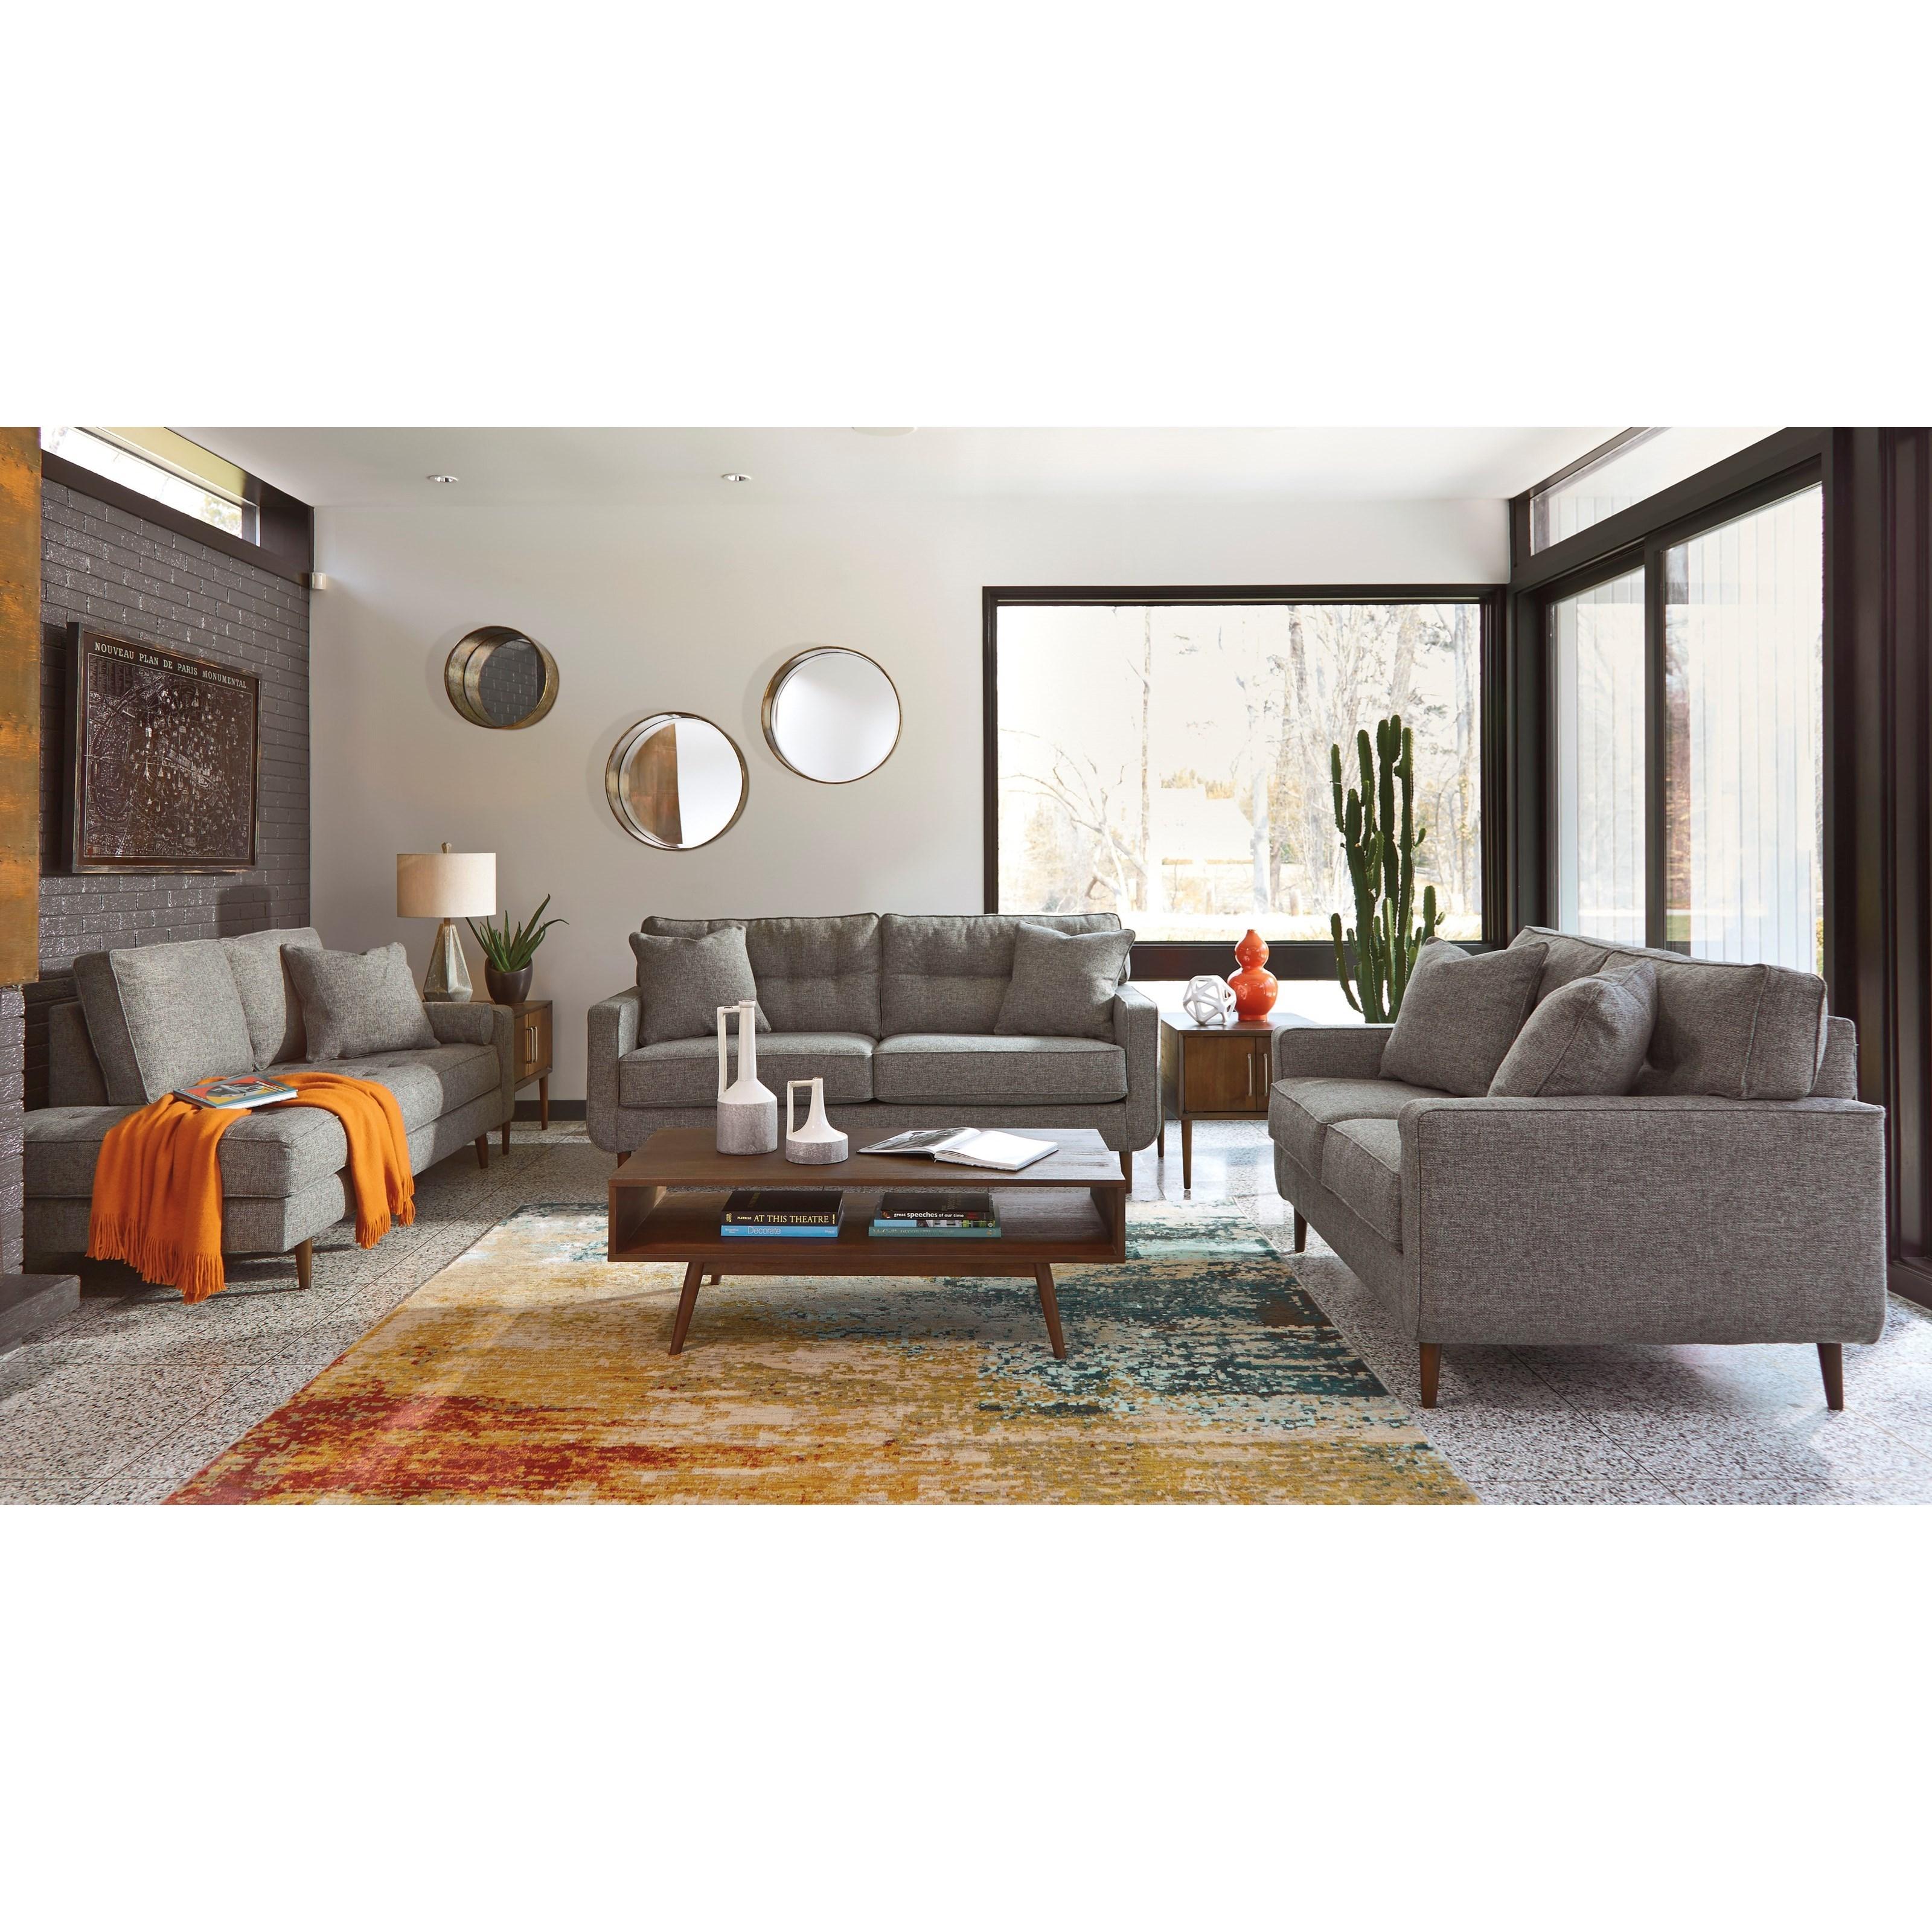 Ashley Furniture Zardoni Stationary Living Room Group Value City Furniture Stationary Living